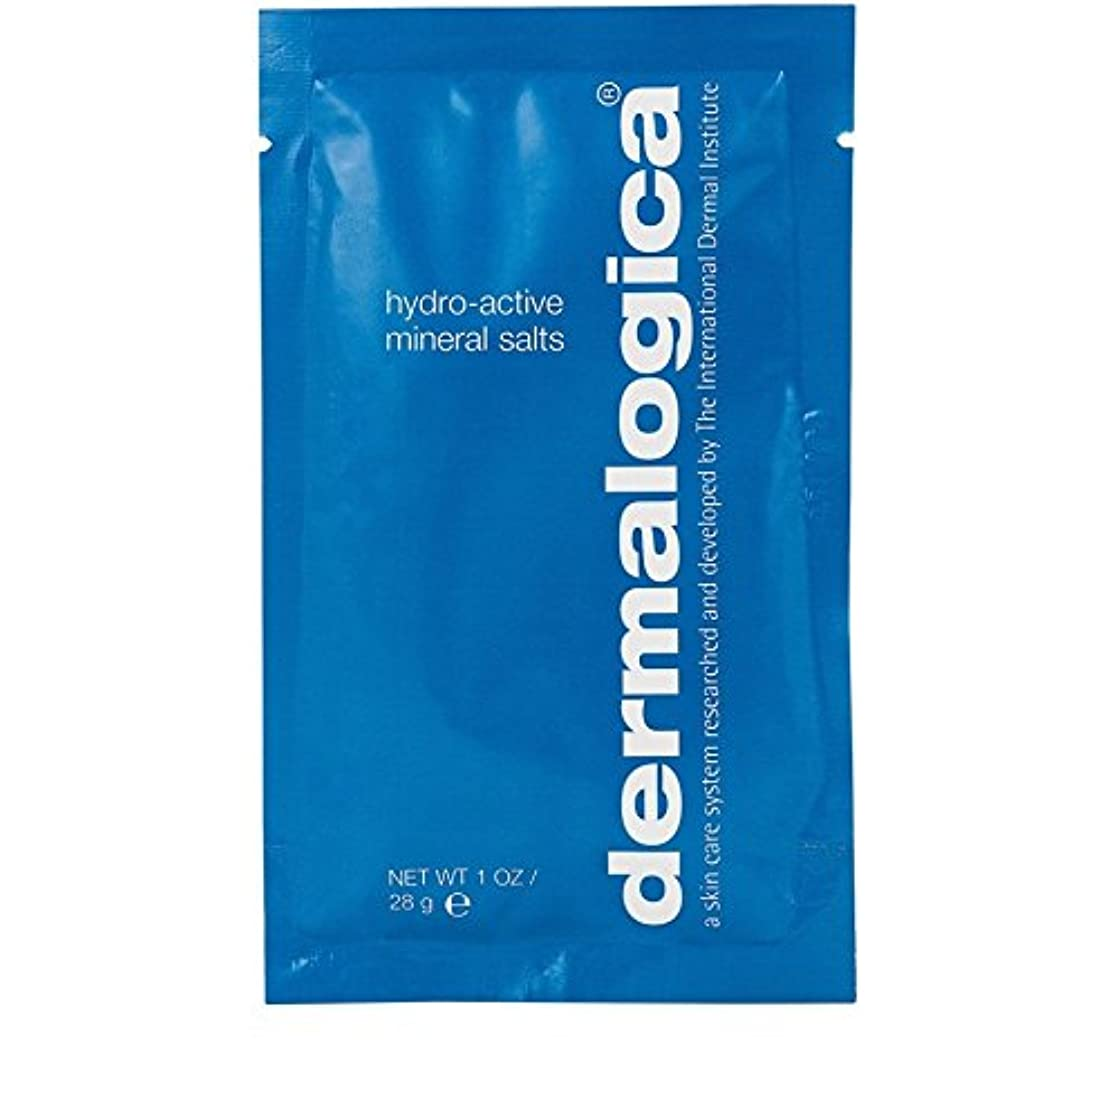 展示会親指シャッターダーマロジカ水力アクティブミネラル塩28グラム x2 - Dermalogica Hydro Active Mineral Salt 28g (Pack of 2) [並行輸入品]